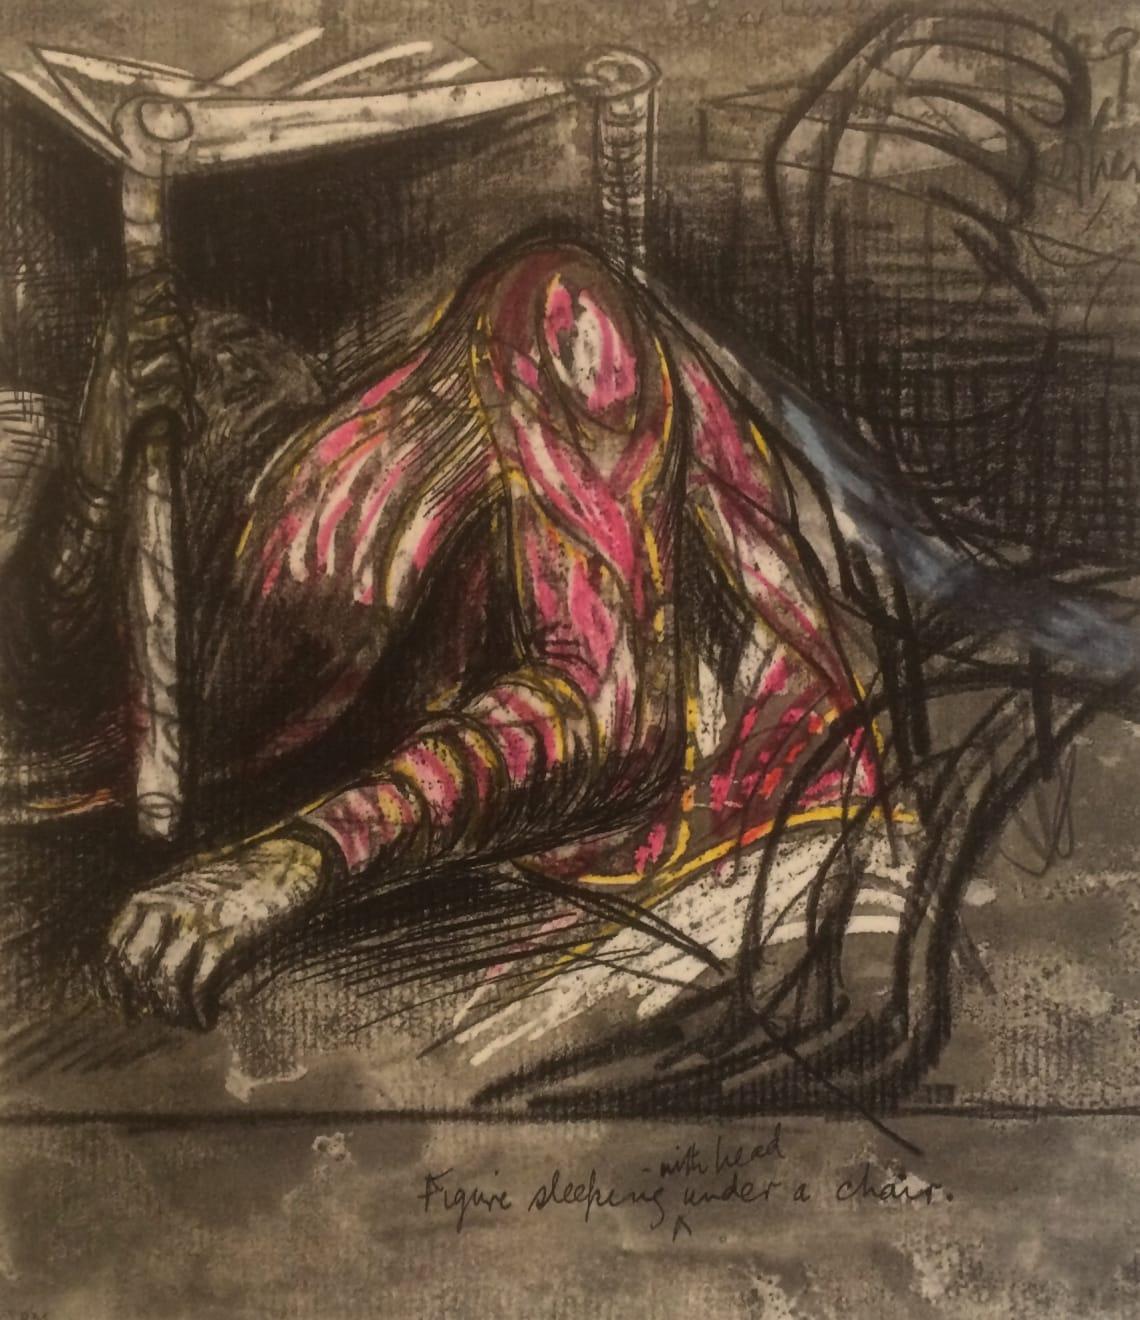 Henry Moore, Untitled VII (Shelter Sketchbook), 1967